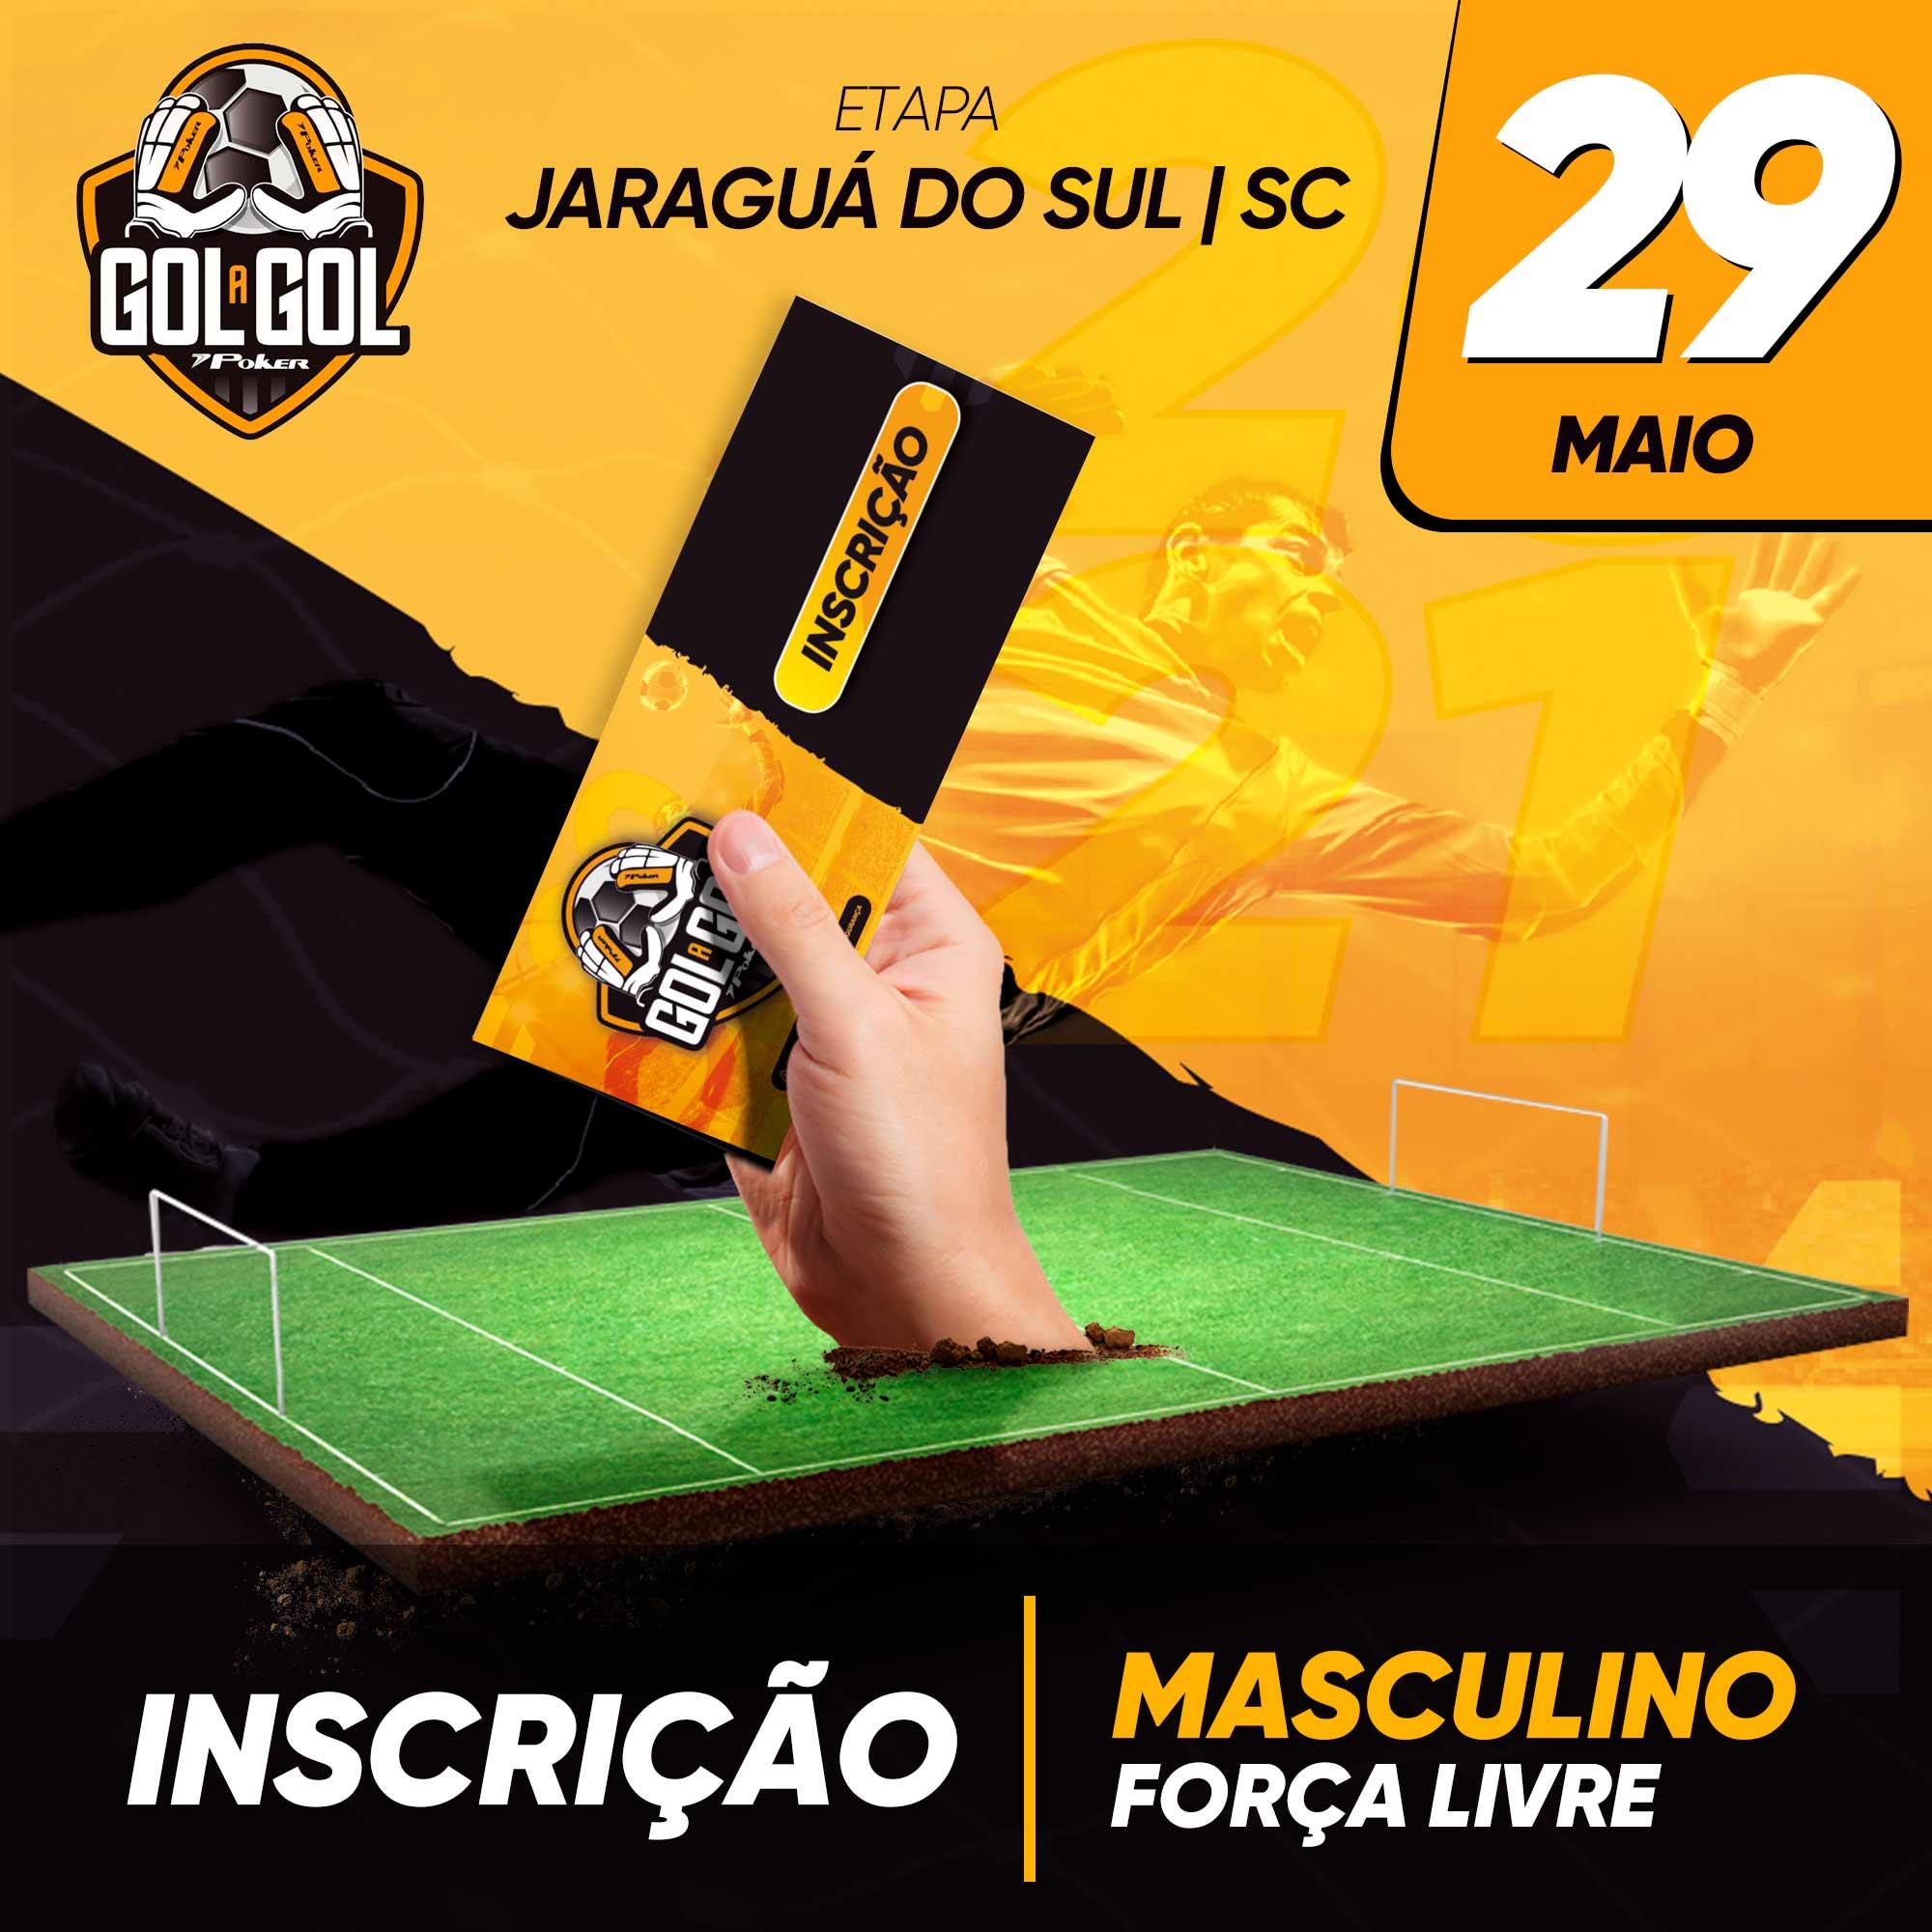 Inscrição (sem luvas) Gol a Gol Jaraguá do Sul/SC – 01/05/2021